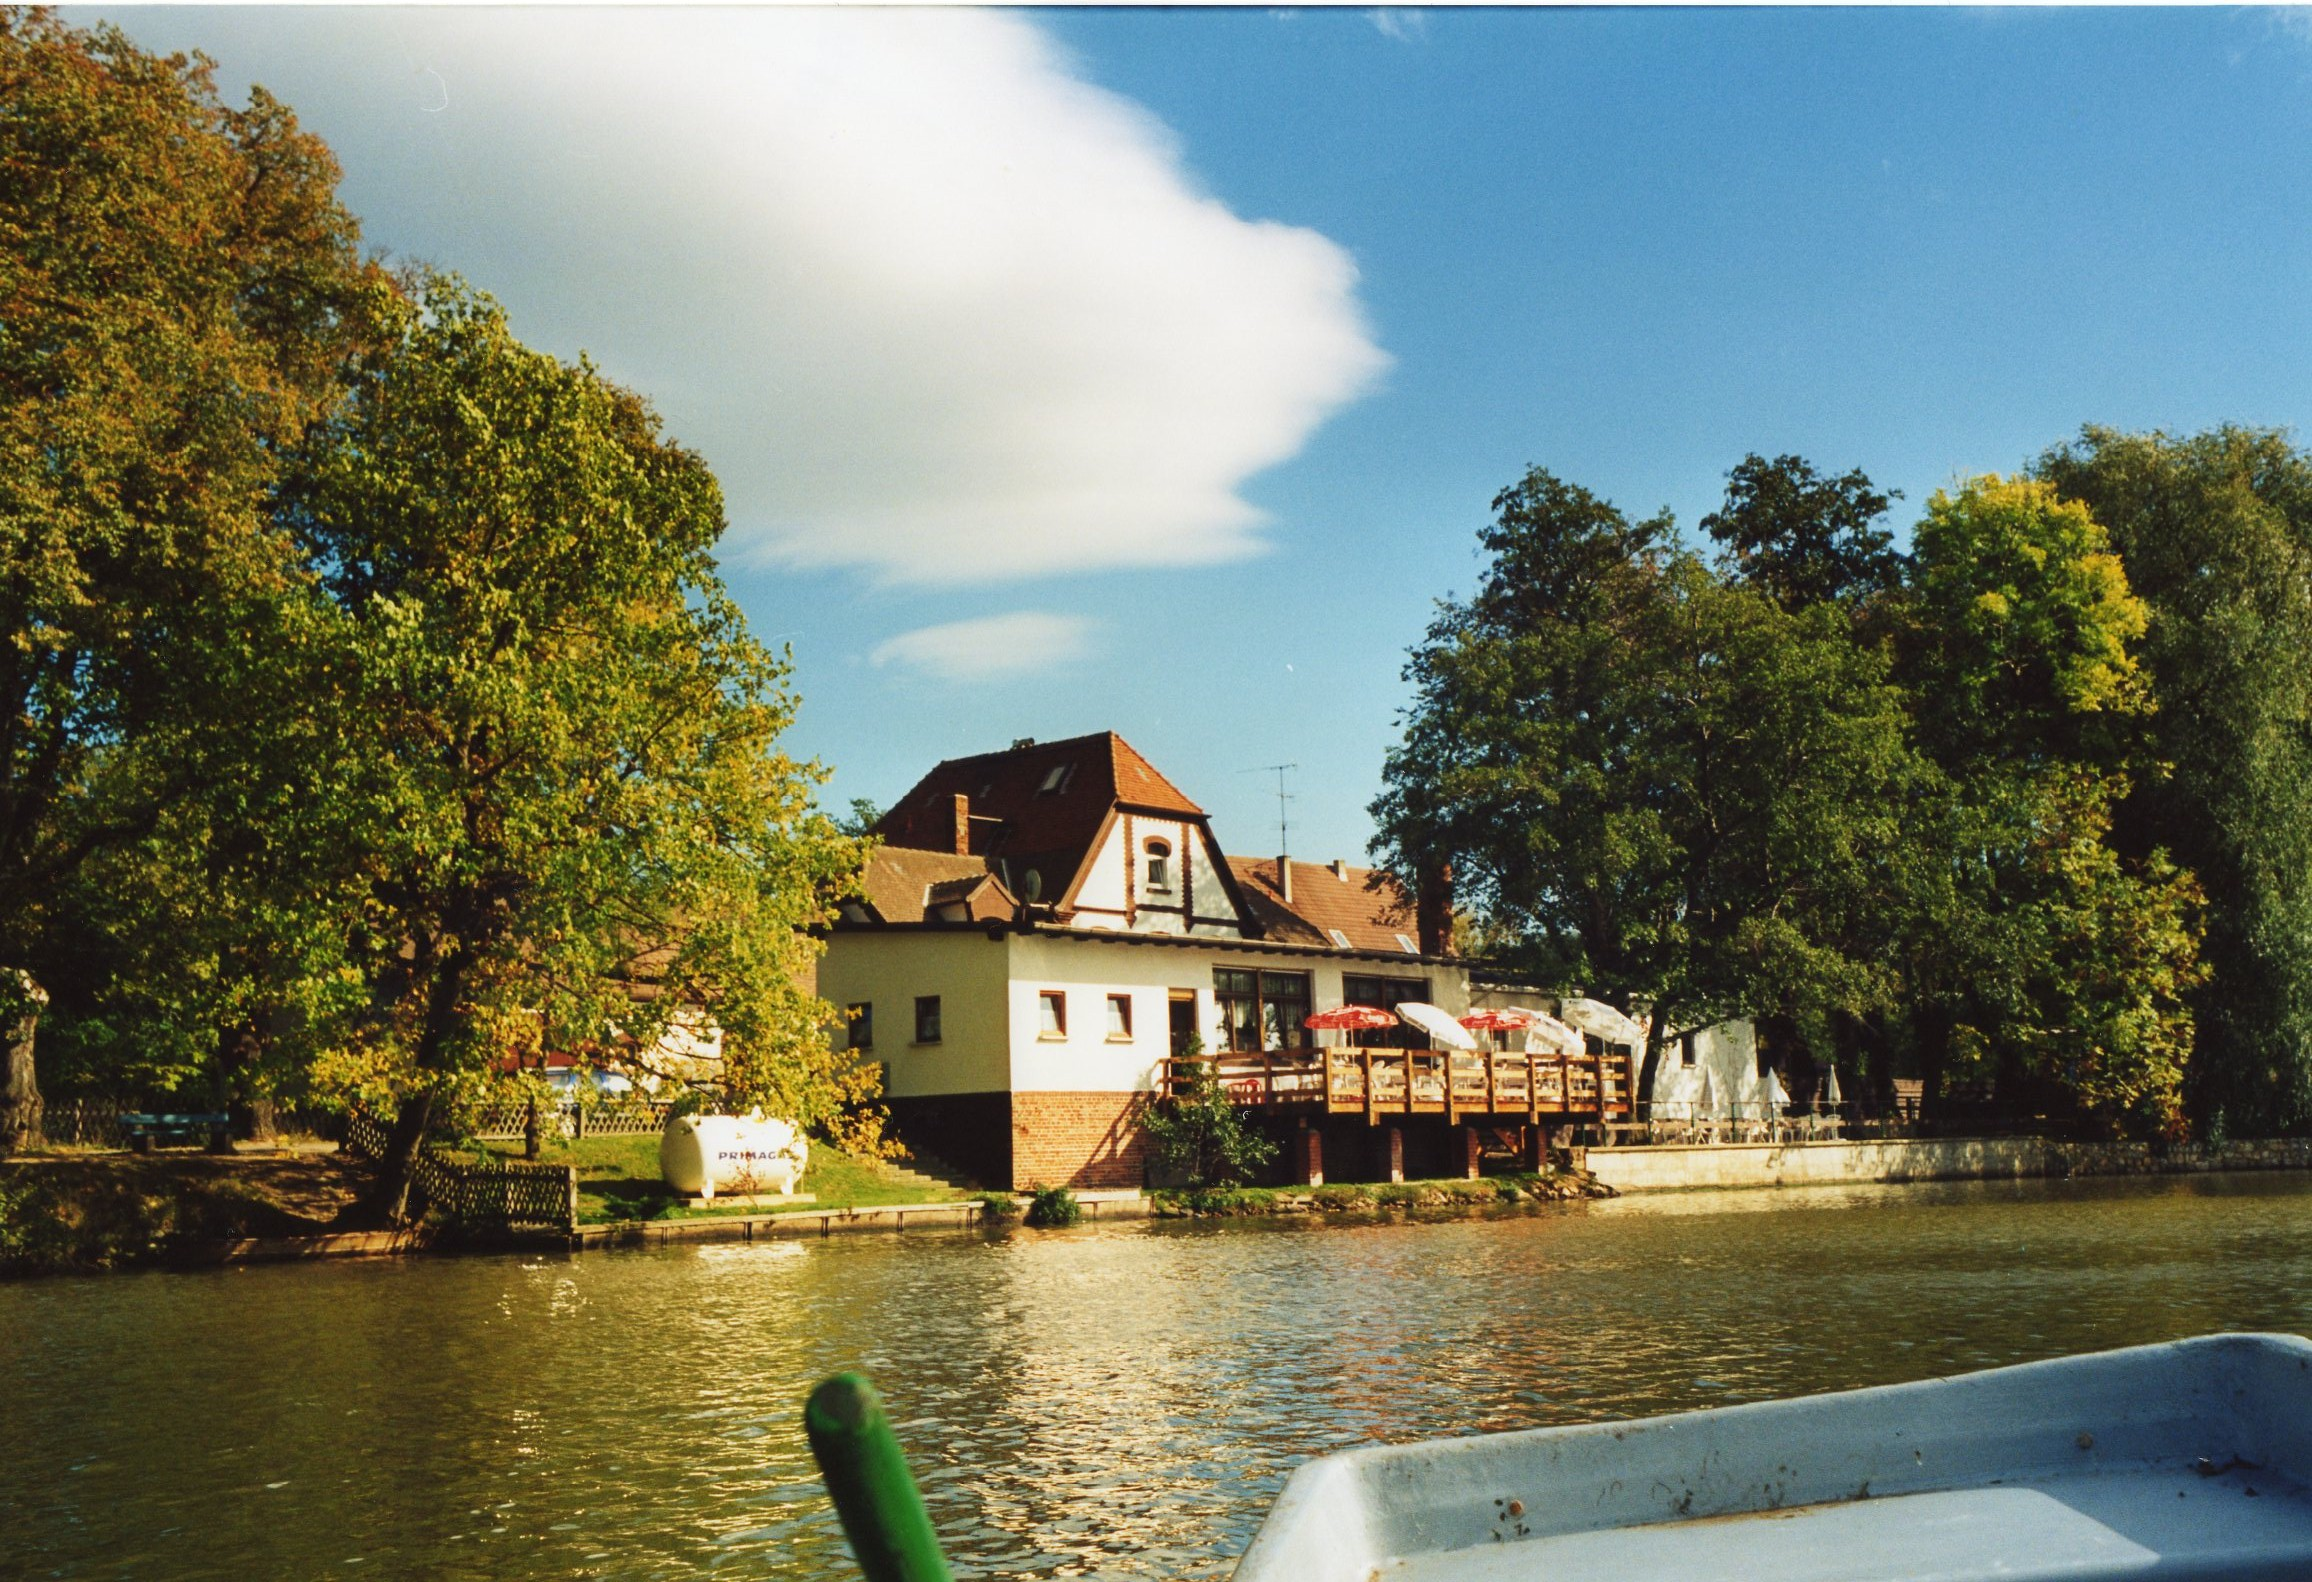 """Kaffeefahrt durch's Holzland mit dem """"Hainspitzer See"""" am 18.09.2019"""